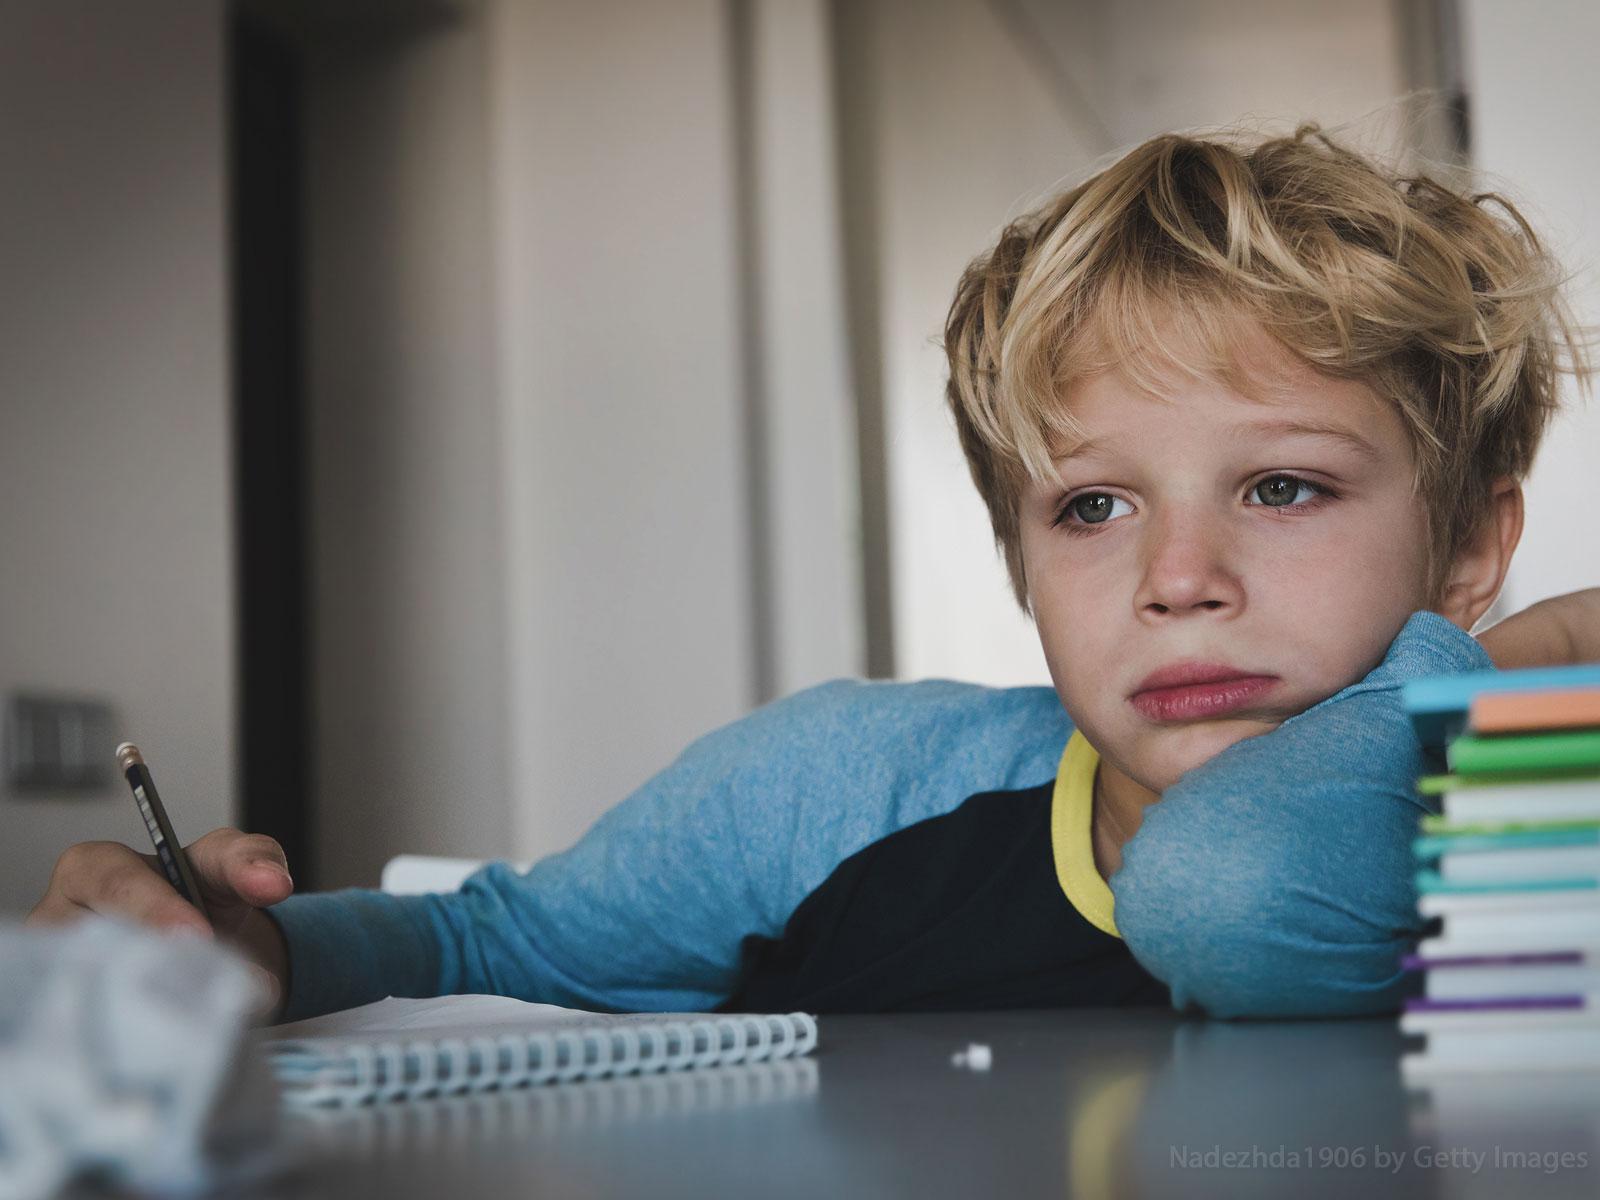 Depressão infantil: conheça as principais causas